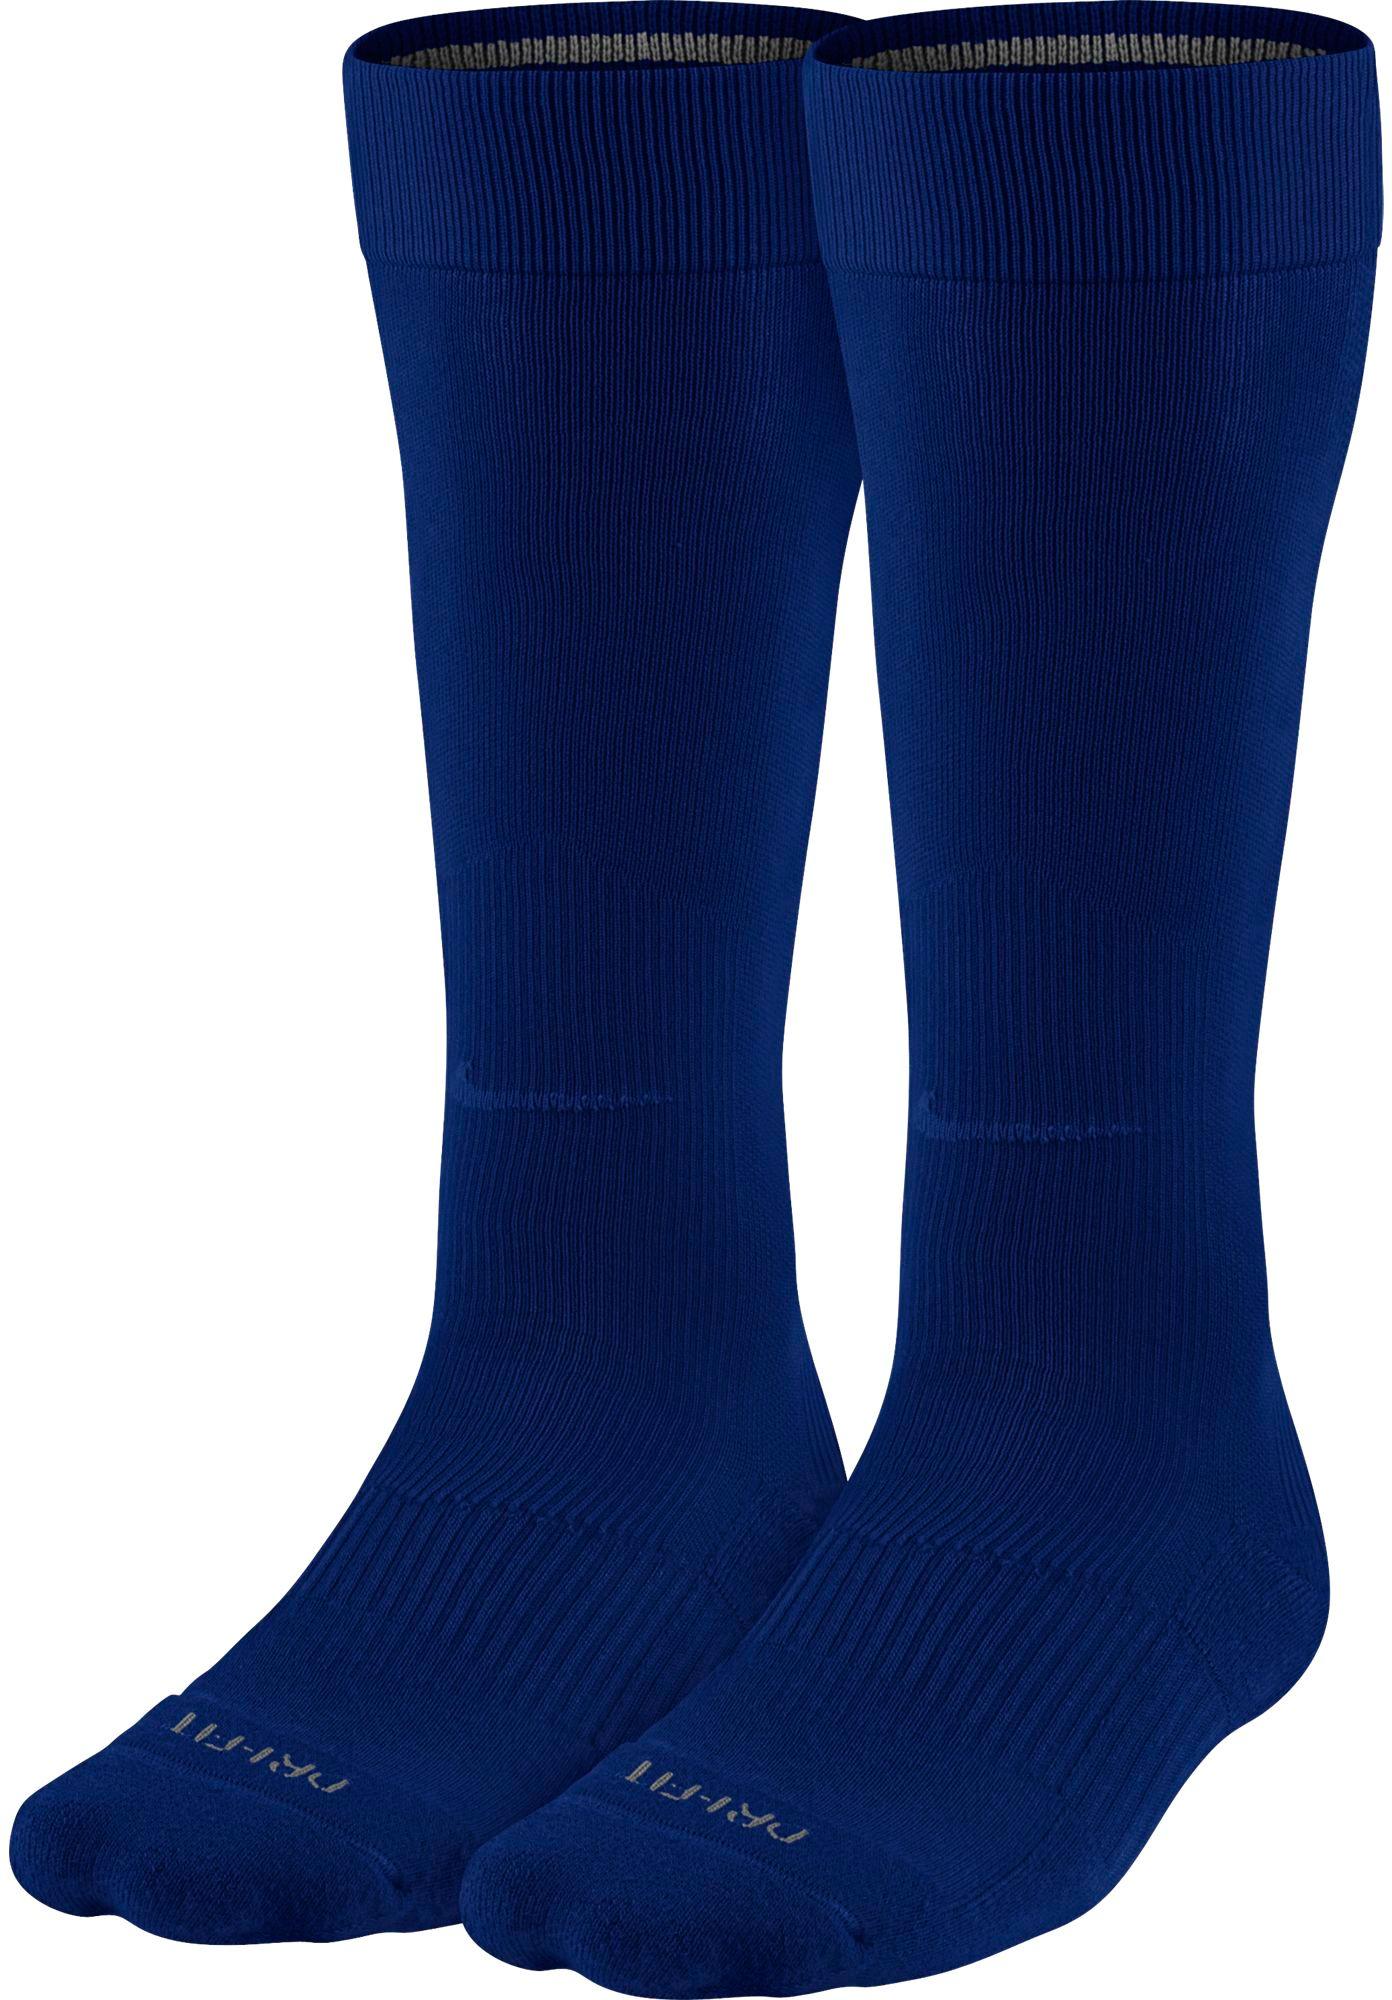 noImageFound ??? - Nike Over-the-Calf Baseball Socks 2 Pack DICK'S Sporting Goods